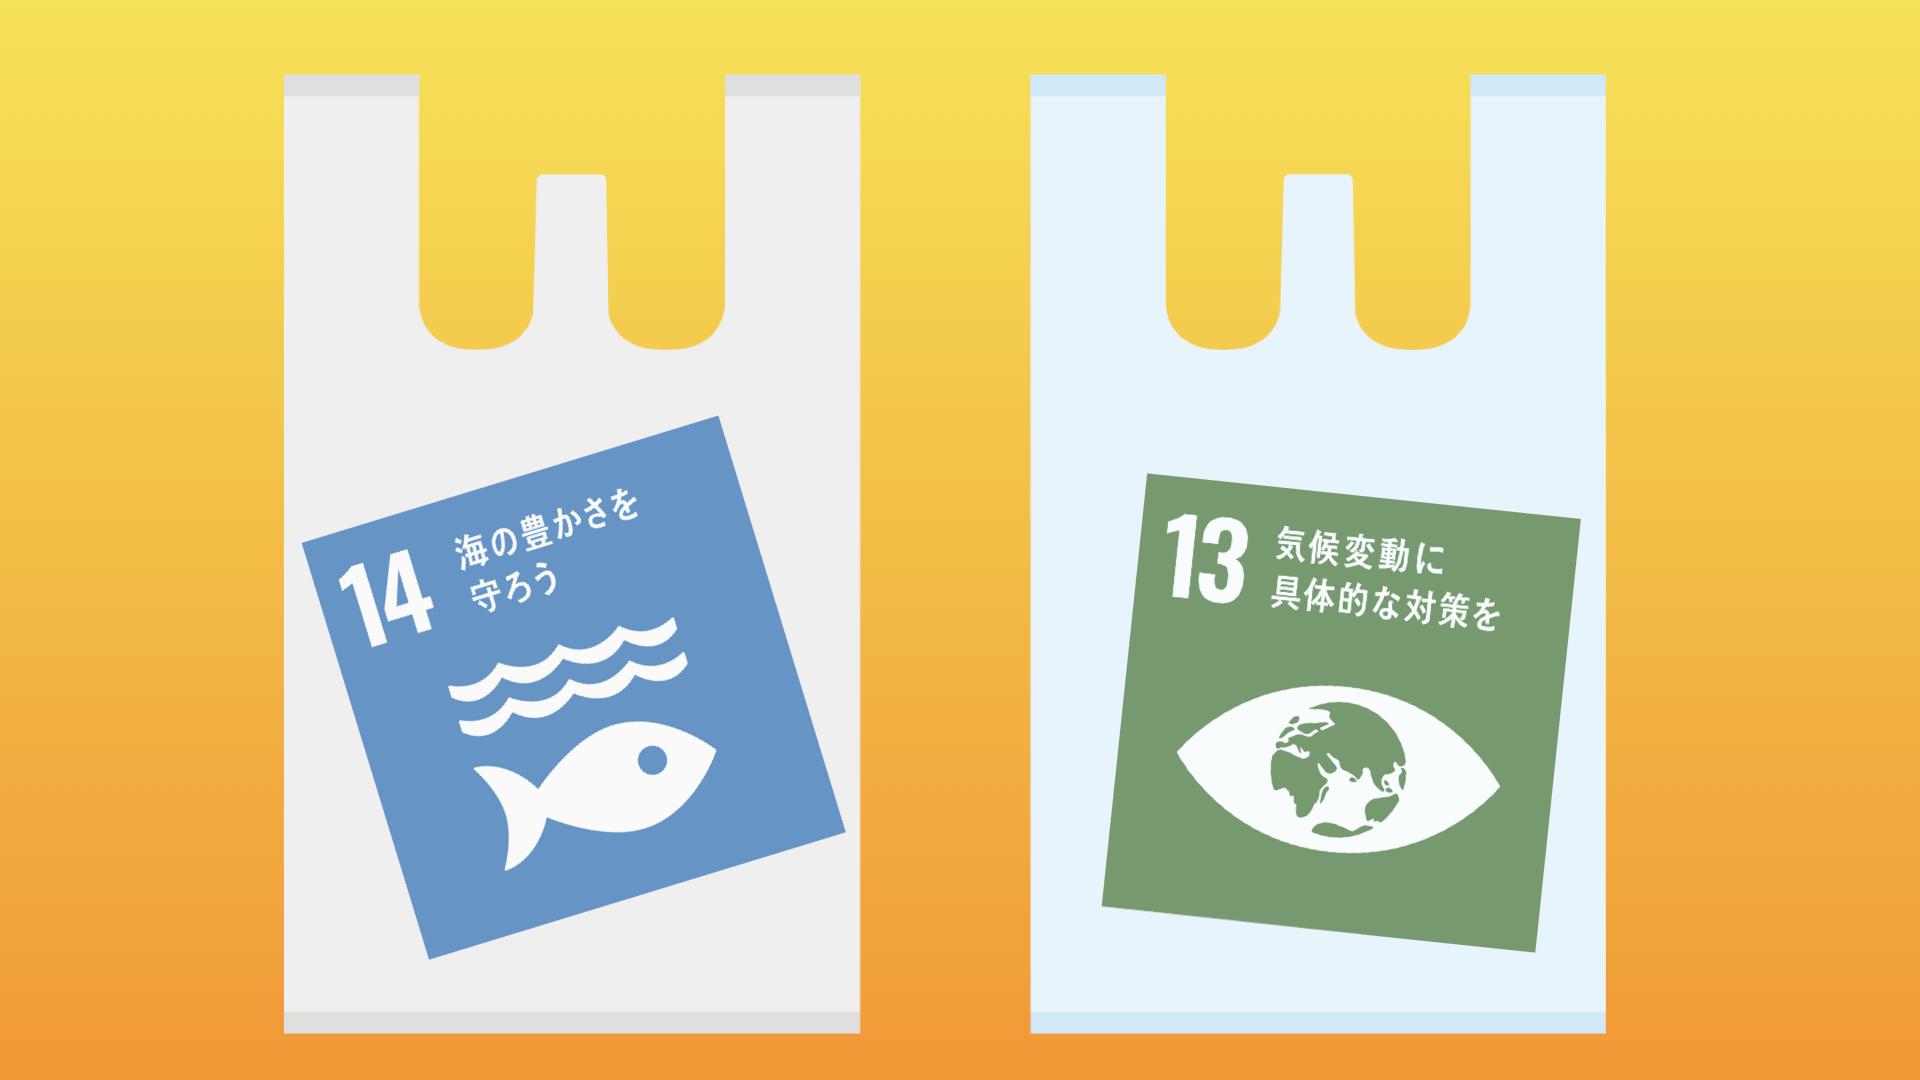 レジ袋有料化義務化の目的と効果